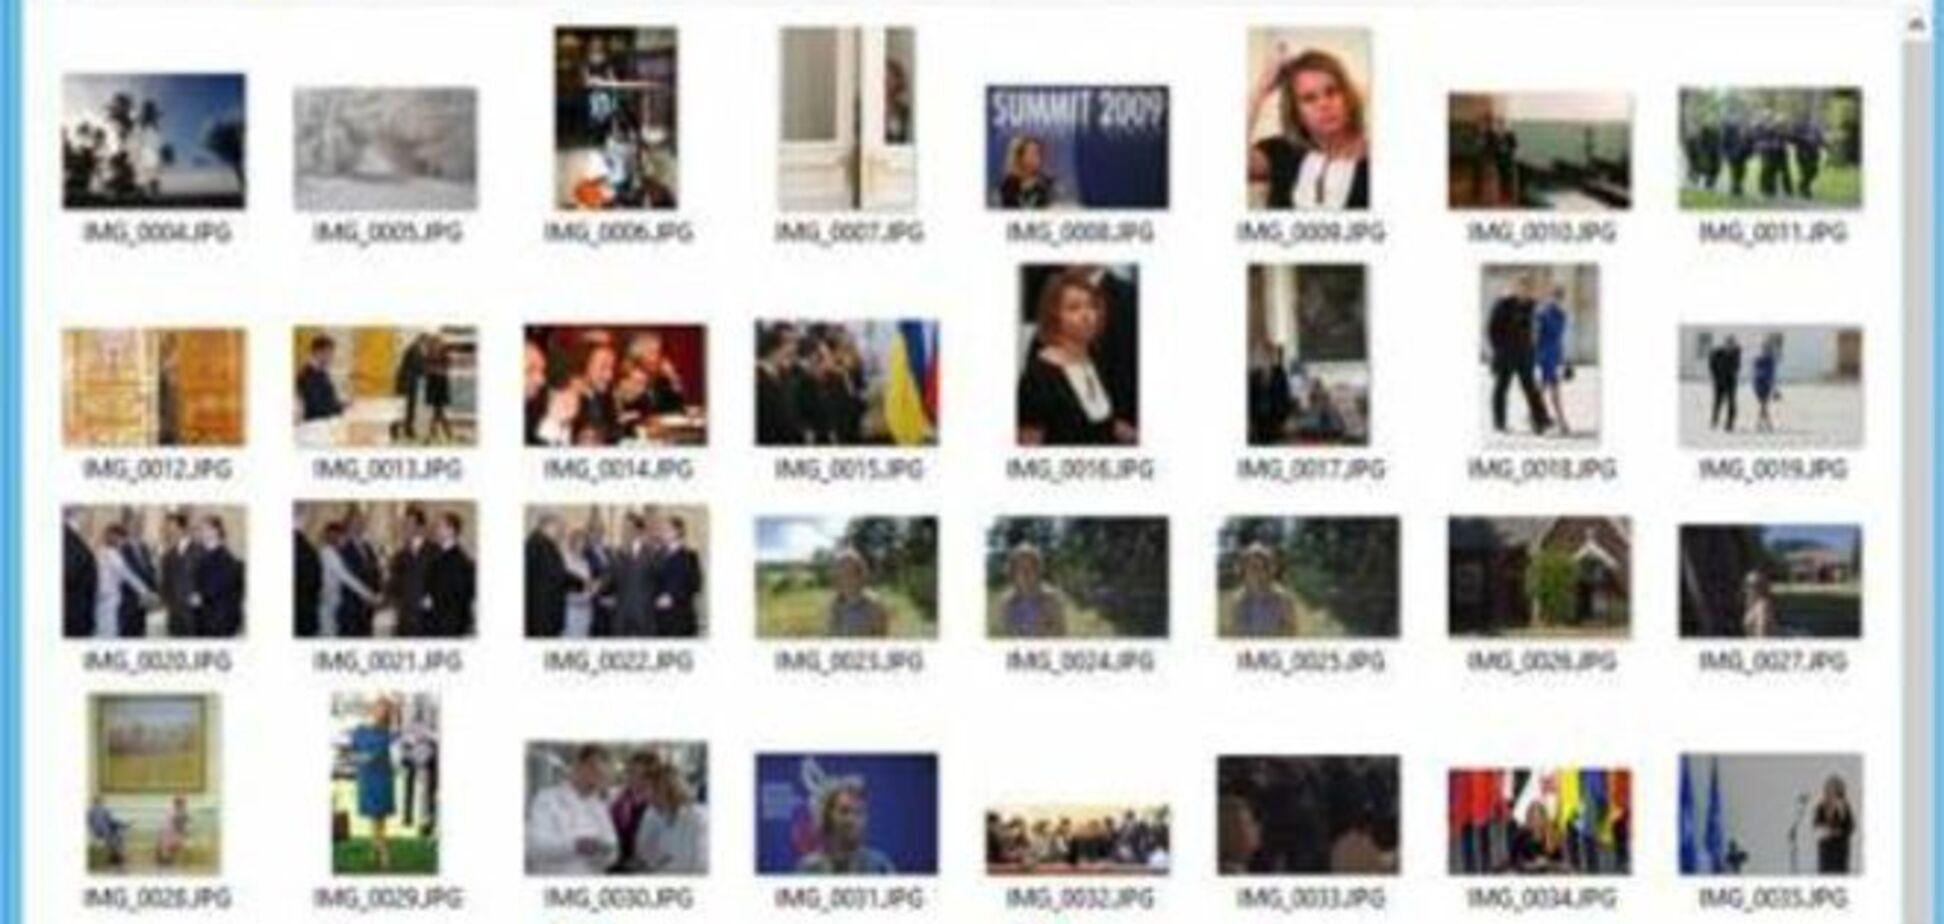 Особисті фото та премії: блогер заявив про злом пошти прес-секретаря Медведєва